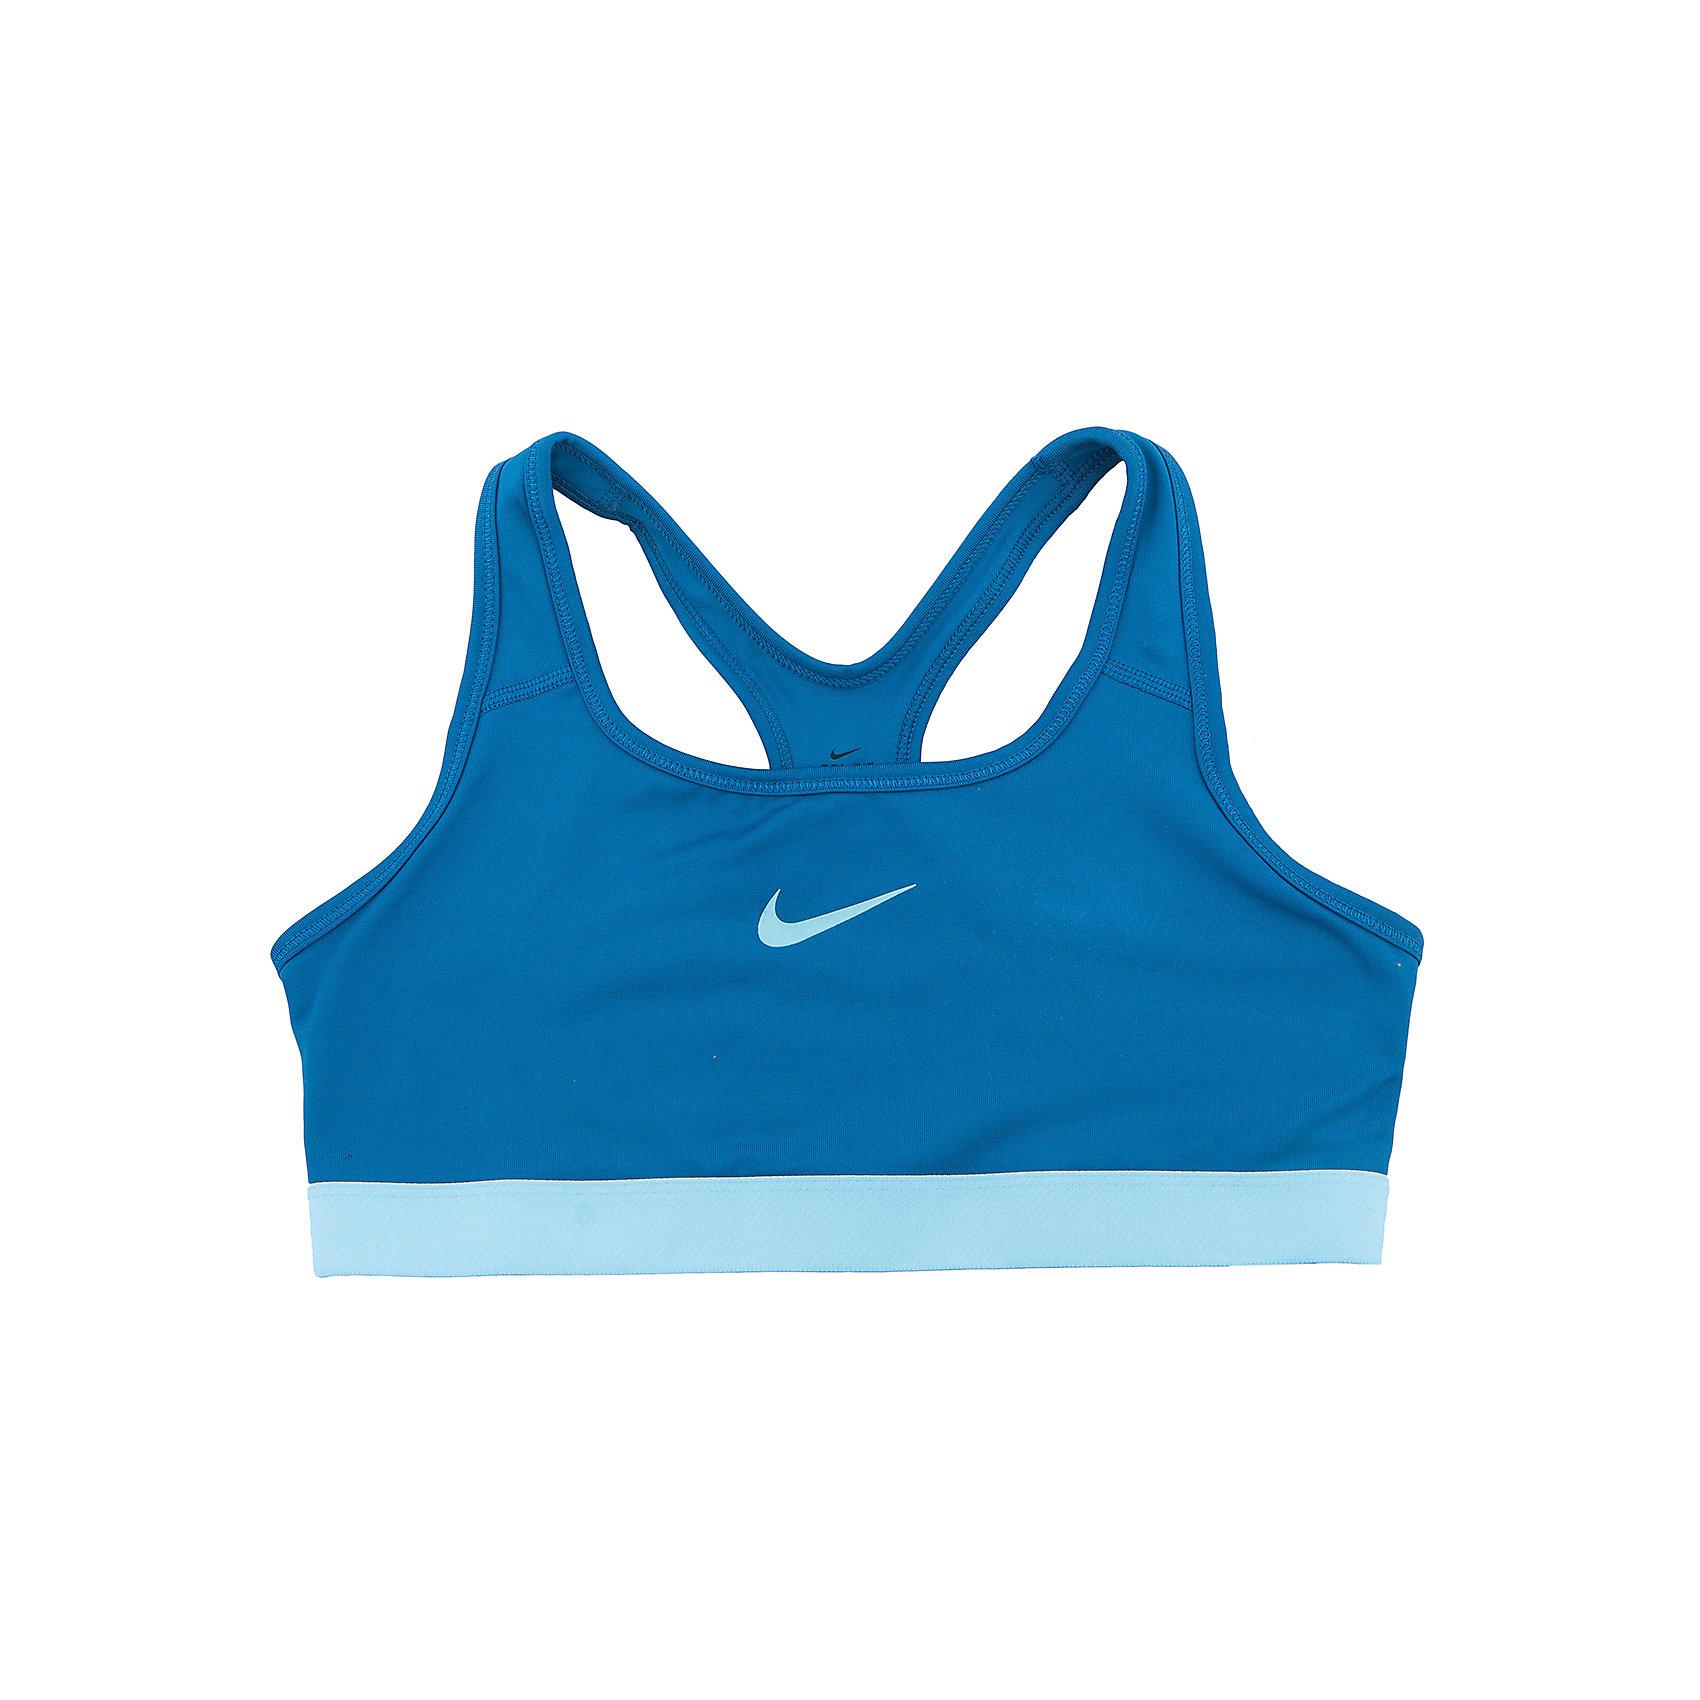 Топ NIKEСпортивная форма<br>Характеристики товара:<br><br>• цвет: синий<br>• спортивный стиль<br>• состав: полиэстер 88%, эластан 12%, материал Dri-FIT<br>• ткань выводит лишнюю влагу<br>• комфортная посадка<br>• ткань оказывает поддержку мышцам и стимулирует кровообращение<br>• мягкие швы не натирают<br>• не сковывает движения<br>• без рукавов<br>• принт<br>• машинная стирка<br>• износостойкий материал<br>• коллекция: весна-лето 2017<br>• страна бренда: США<br>• страна изготовитель: Шри-Ланка<br><br>Продукция бренда NIKE известна высоким качеством и уникальным узнаваемым дизайном. Материал Dri-FIT, из которого сшито изделие, помогает создать для тела необходимую вентиляцию и вывод влаги.<br><br>Материал Dri-FIT также обеспечивает вещам долгий срок службы и отличный внешний вид даже после значительного количества стирок. Уход за изделием прост - достаточно машинной стирки на низкой температуре.<br><br>Легкий и эластичный материал создает комфортную посадку, вещь при этом смотрится очень стильно. Благодаря универсальному цвету она отлично смотрится с разной одеждой и обувью.<br><br>Топ NIKE (Найк) можно купить в нашем интернет-магазине.<br><br>Ширина мм: 199<br>Глубина мм: 10<br>Высота мм: 161<br>Вес г: 151<br>Цвет: синий<br>Возраст от месяцев: 108<br>Возраст до месяцев: 120<br>Пол: Унисекс<br>Возраст: Детский<br>Размер: 135/140,122/128,128/134,147/158,158/170<br>SKU: 6676564